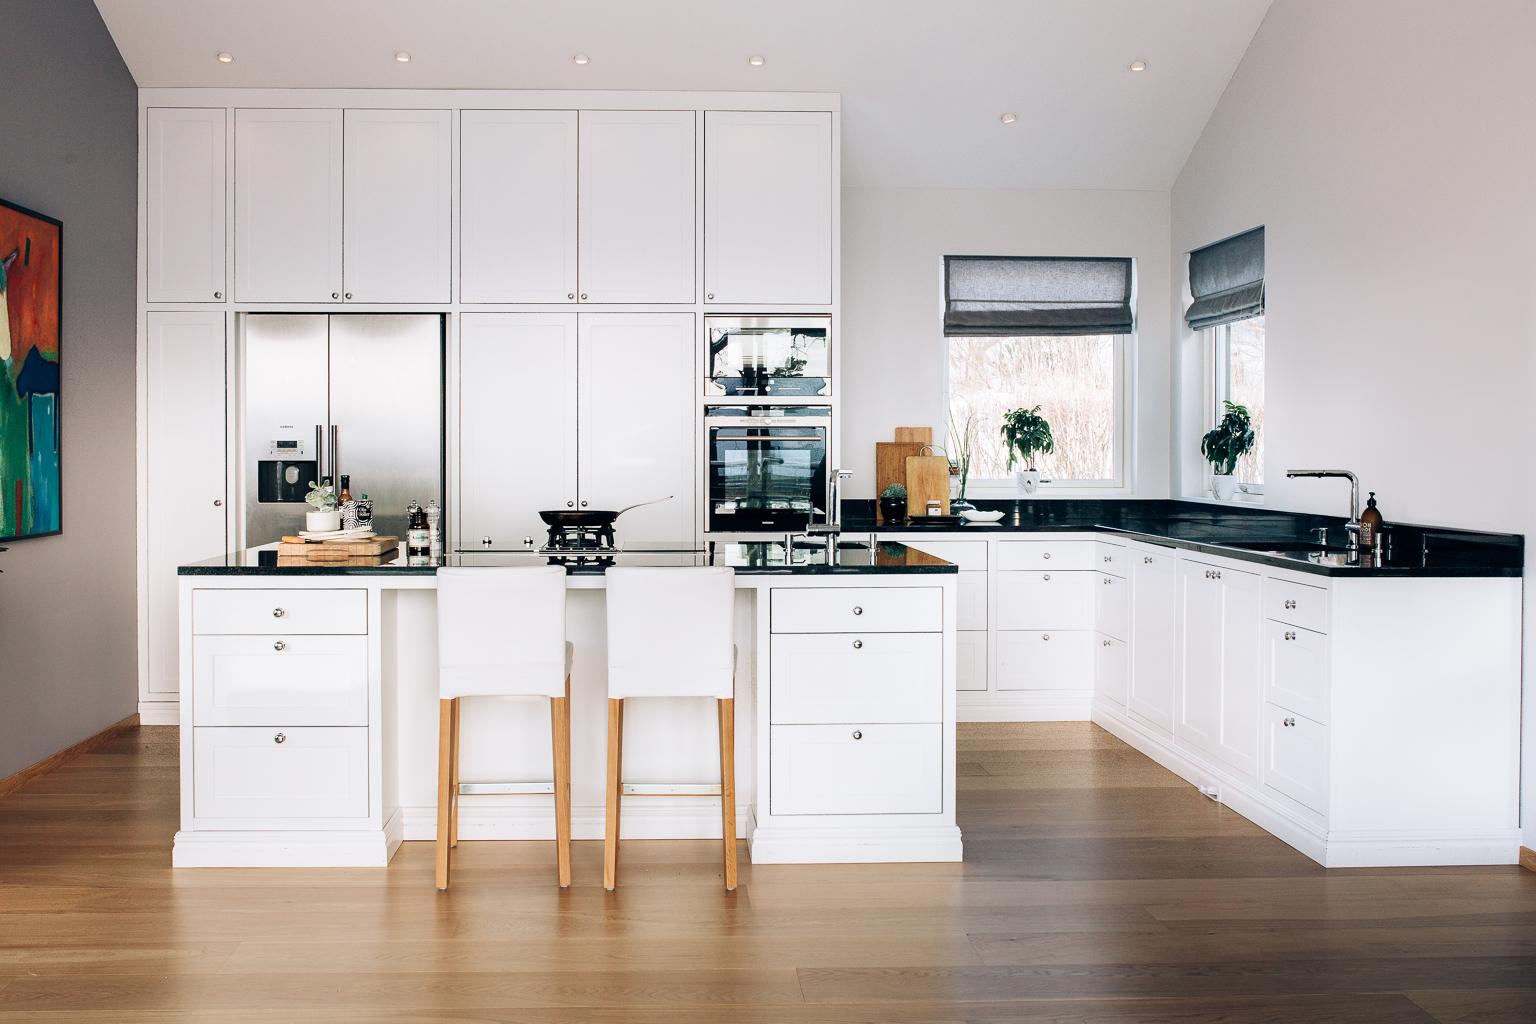 Rommet er høyt under taket og kjøkkenet er tilpasset skråtaket.